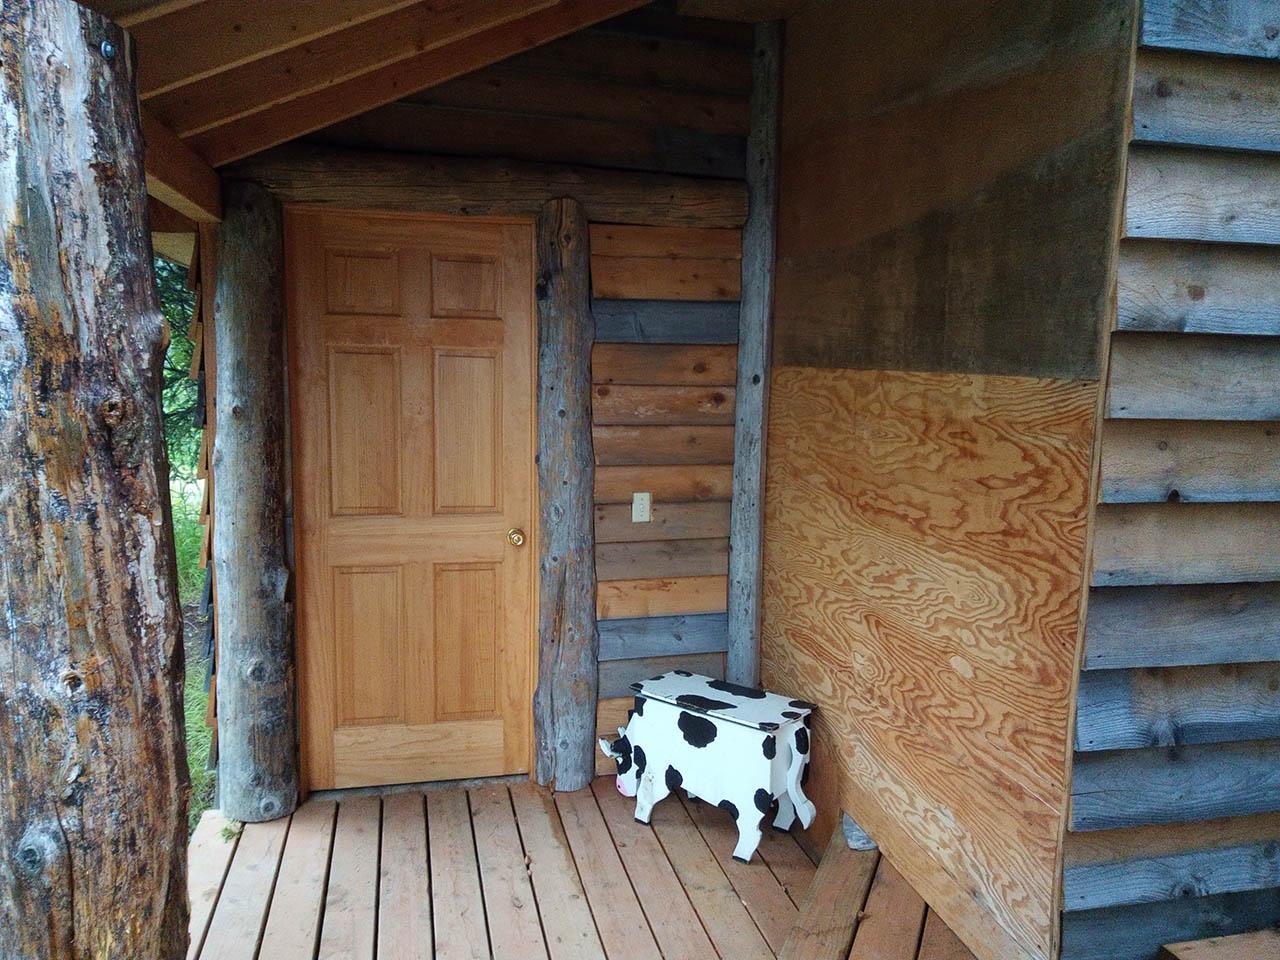 Porch and front door.